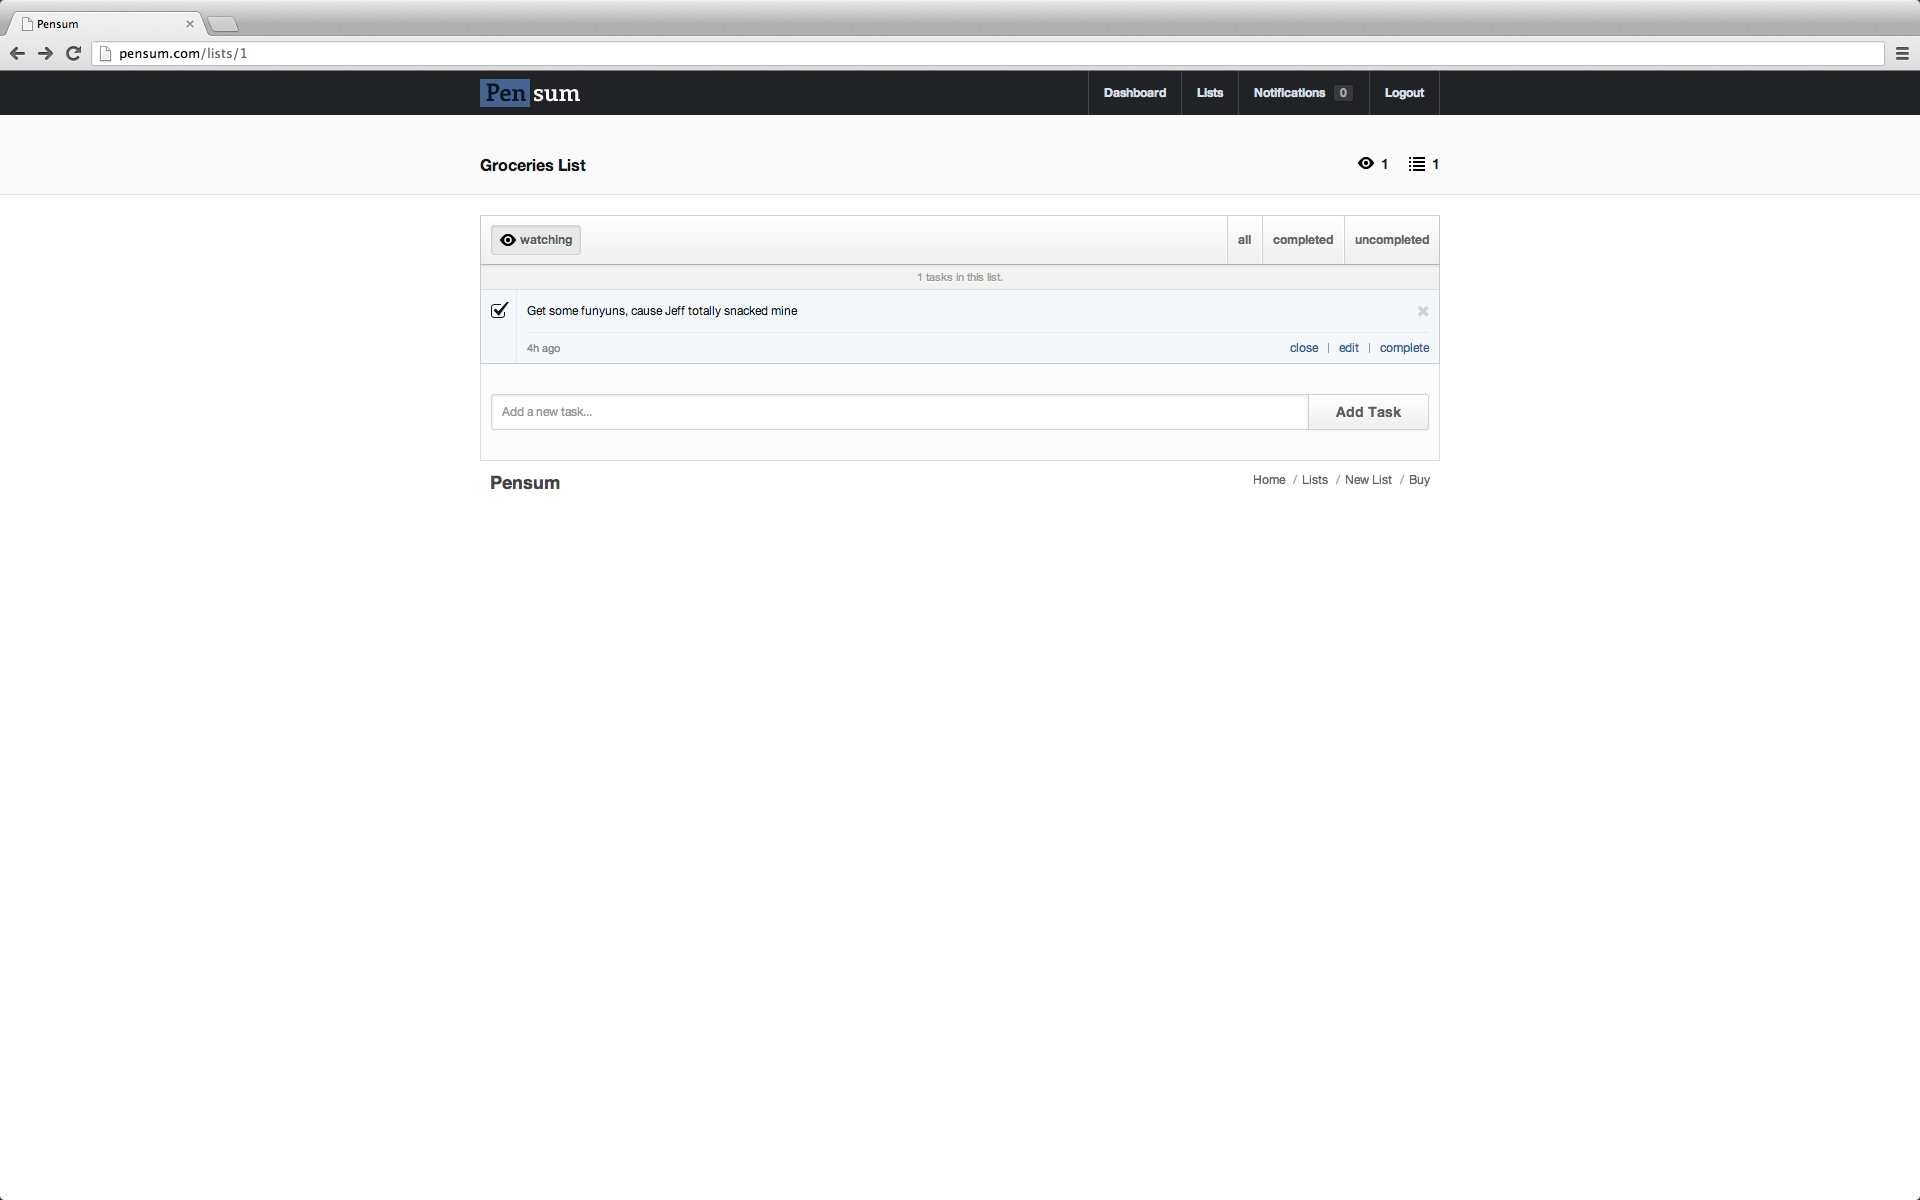 Pensum - Task Sharing Platform